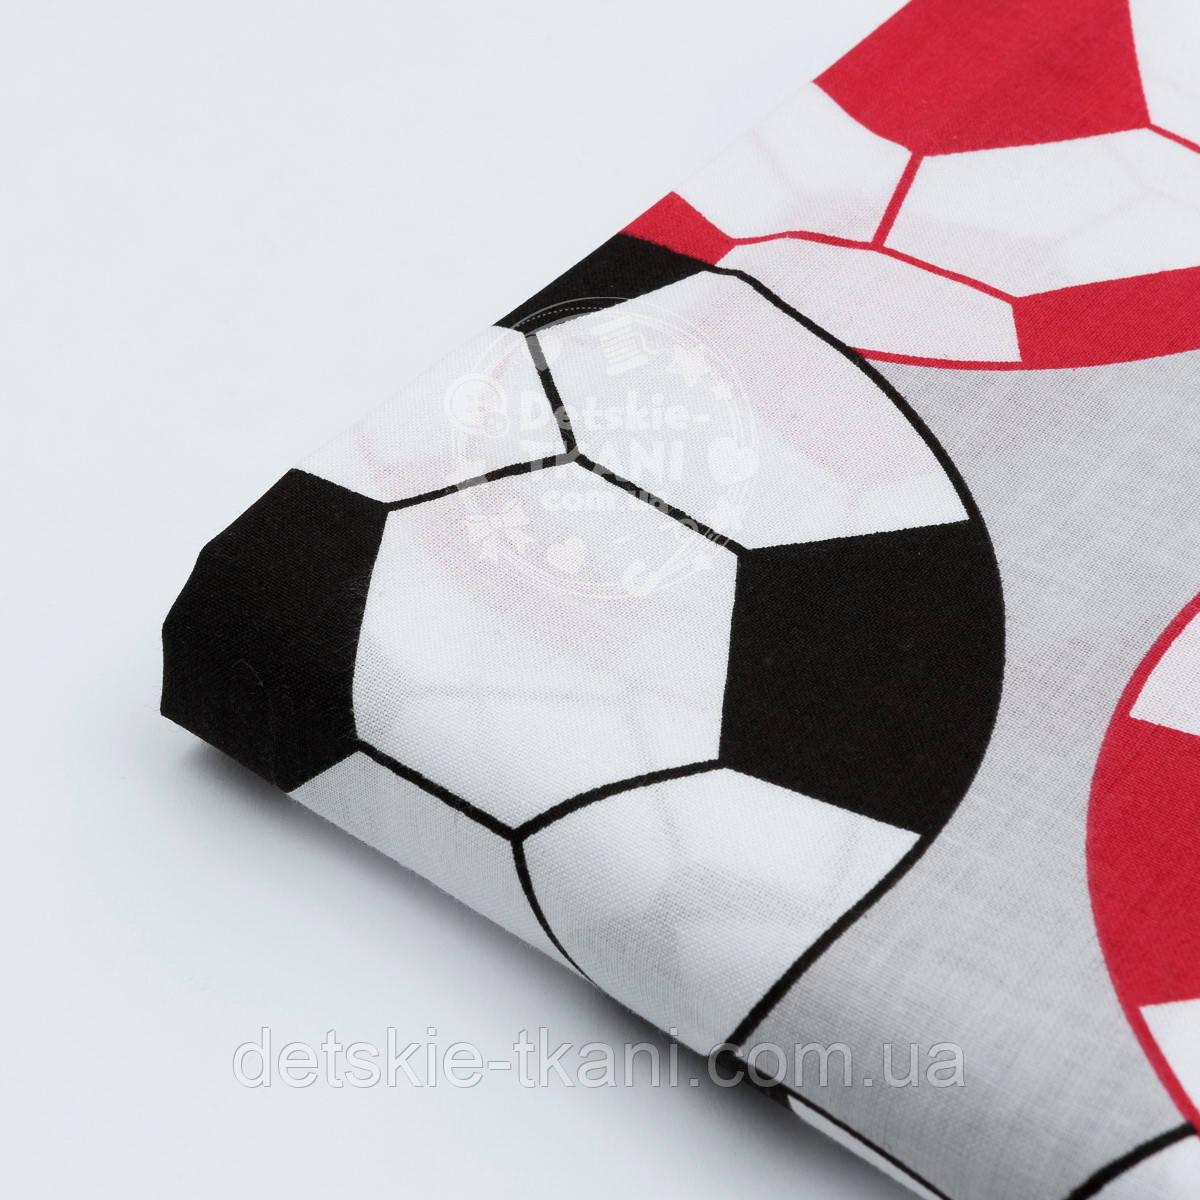 """Лоскут ткани """"Футбольные мячи"""", цвет красный и чёрный, №1168, размер 26*80 см"""